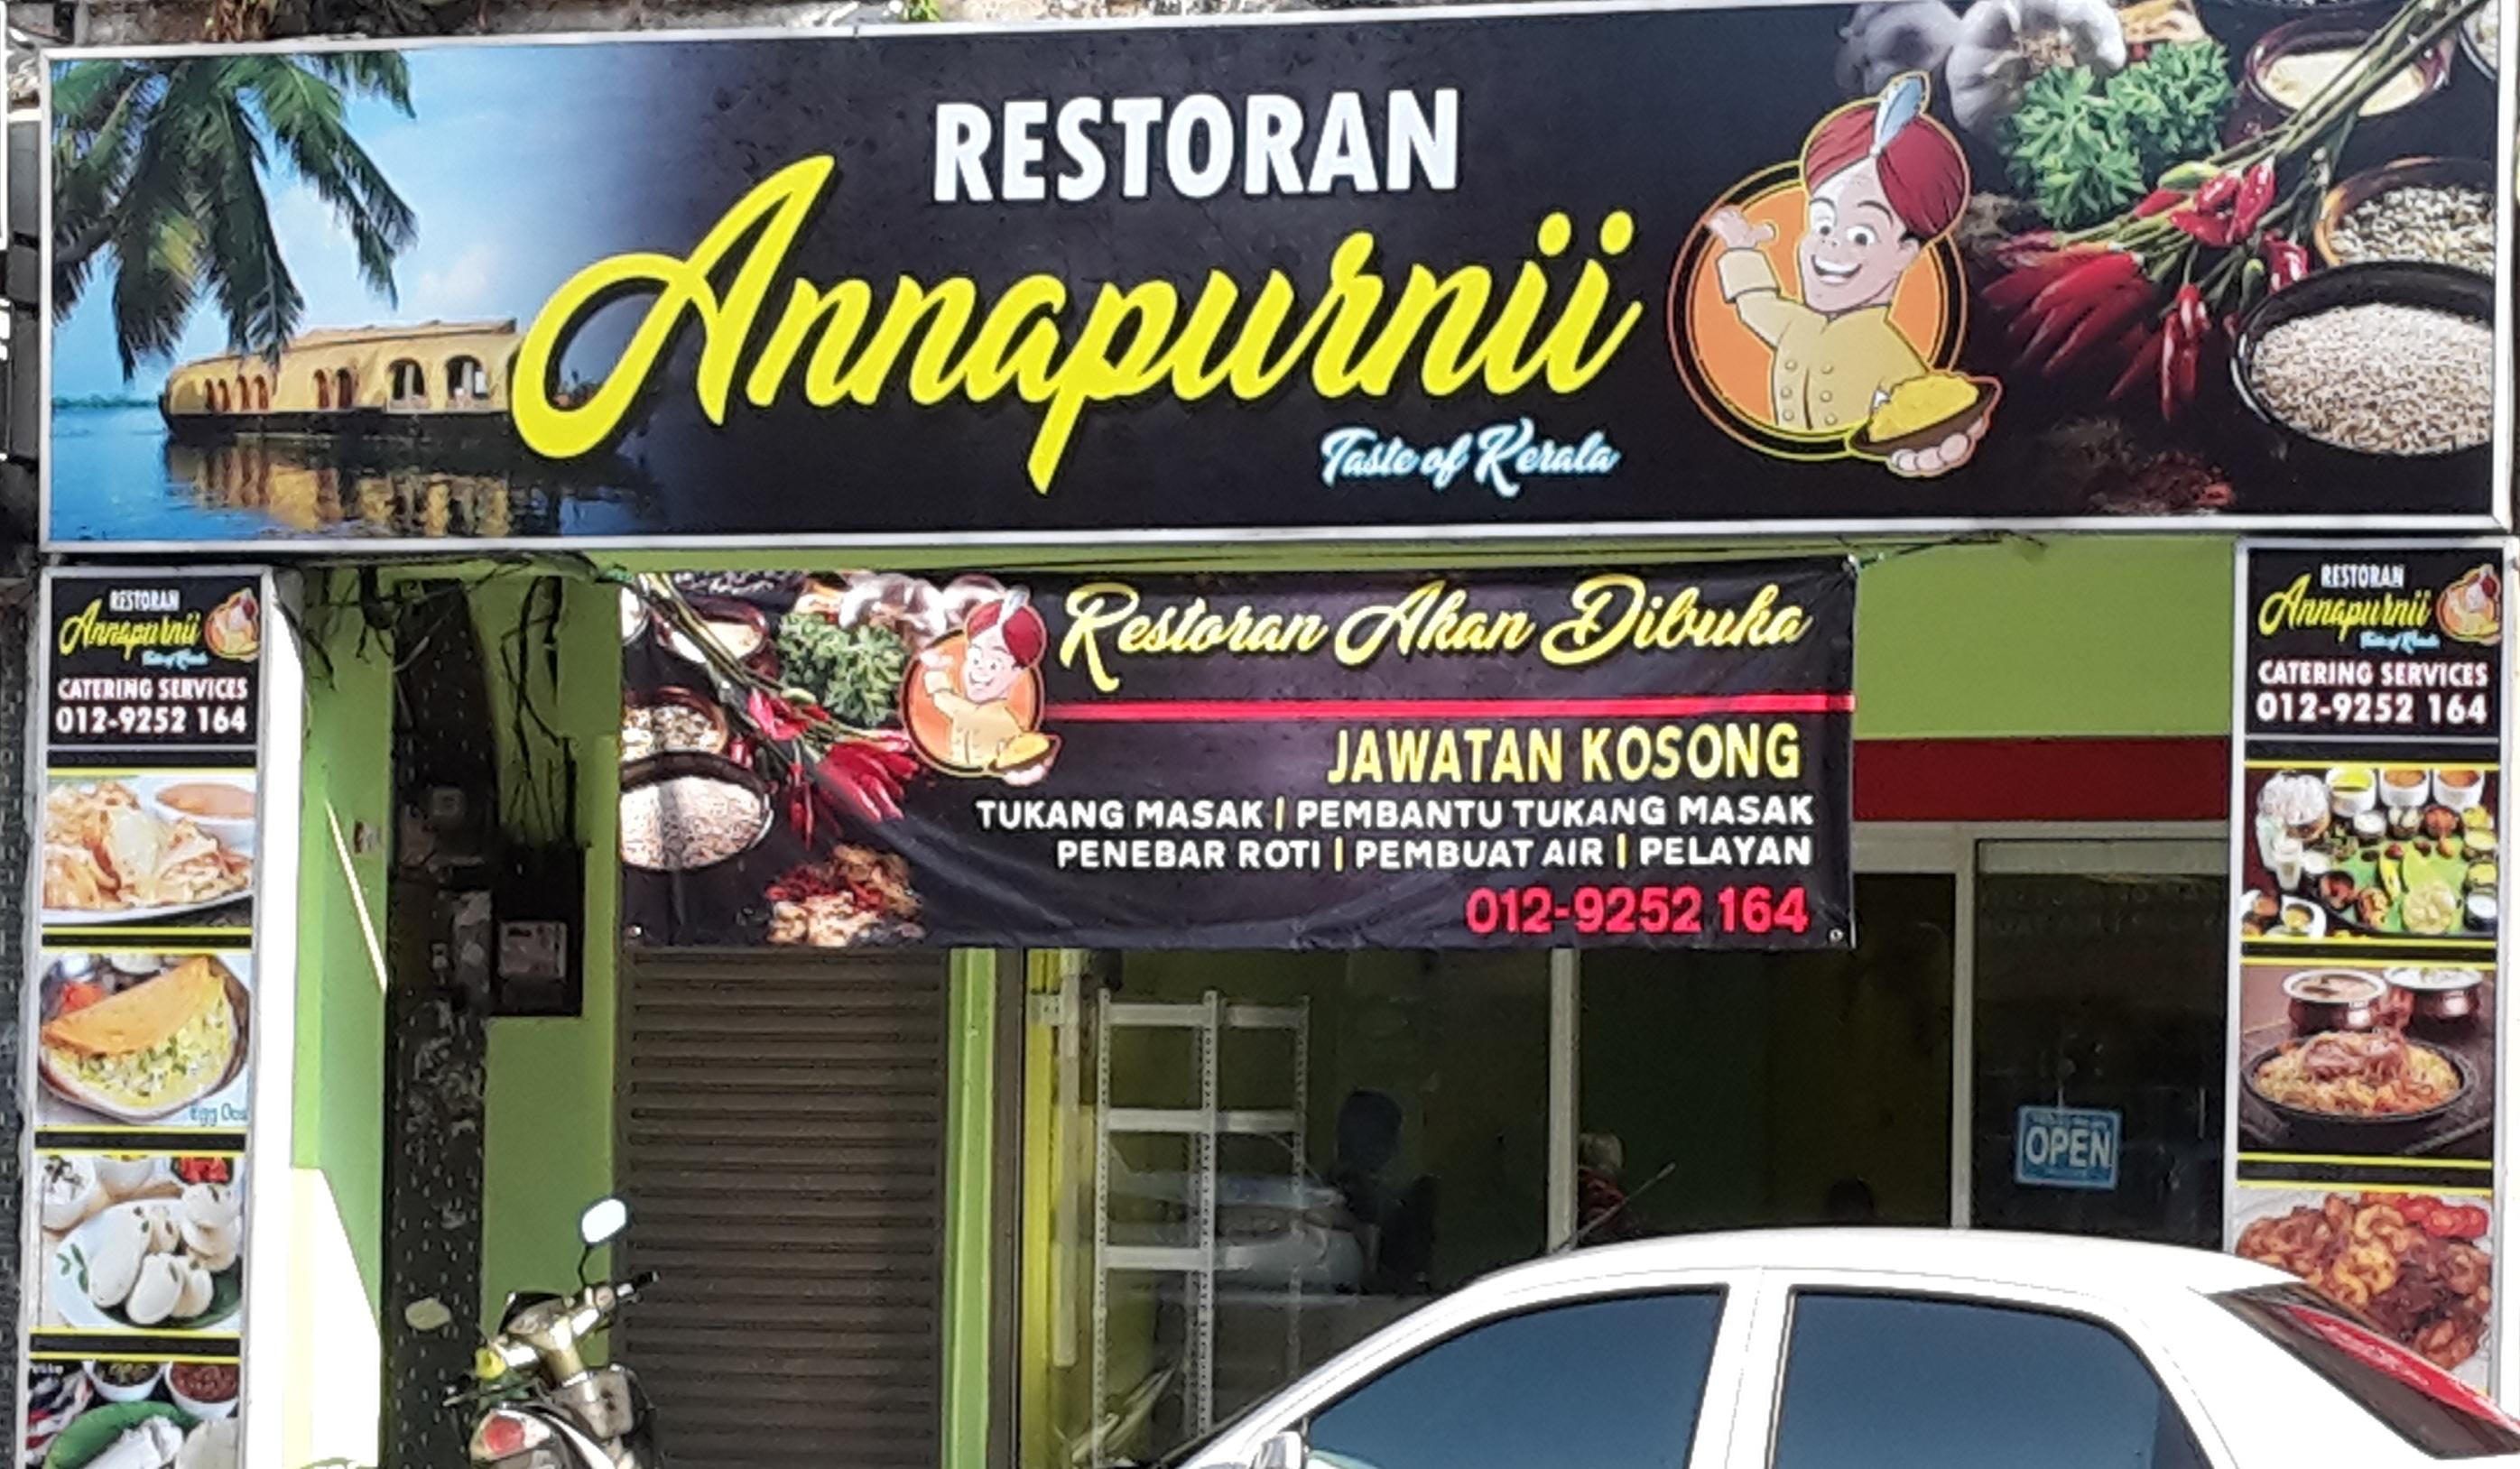 Restaurant Annapurnii Seremban